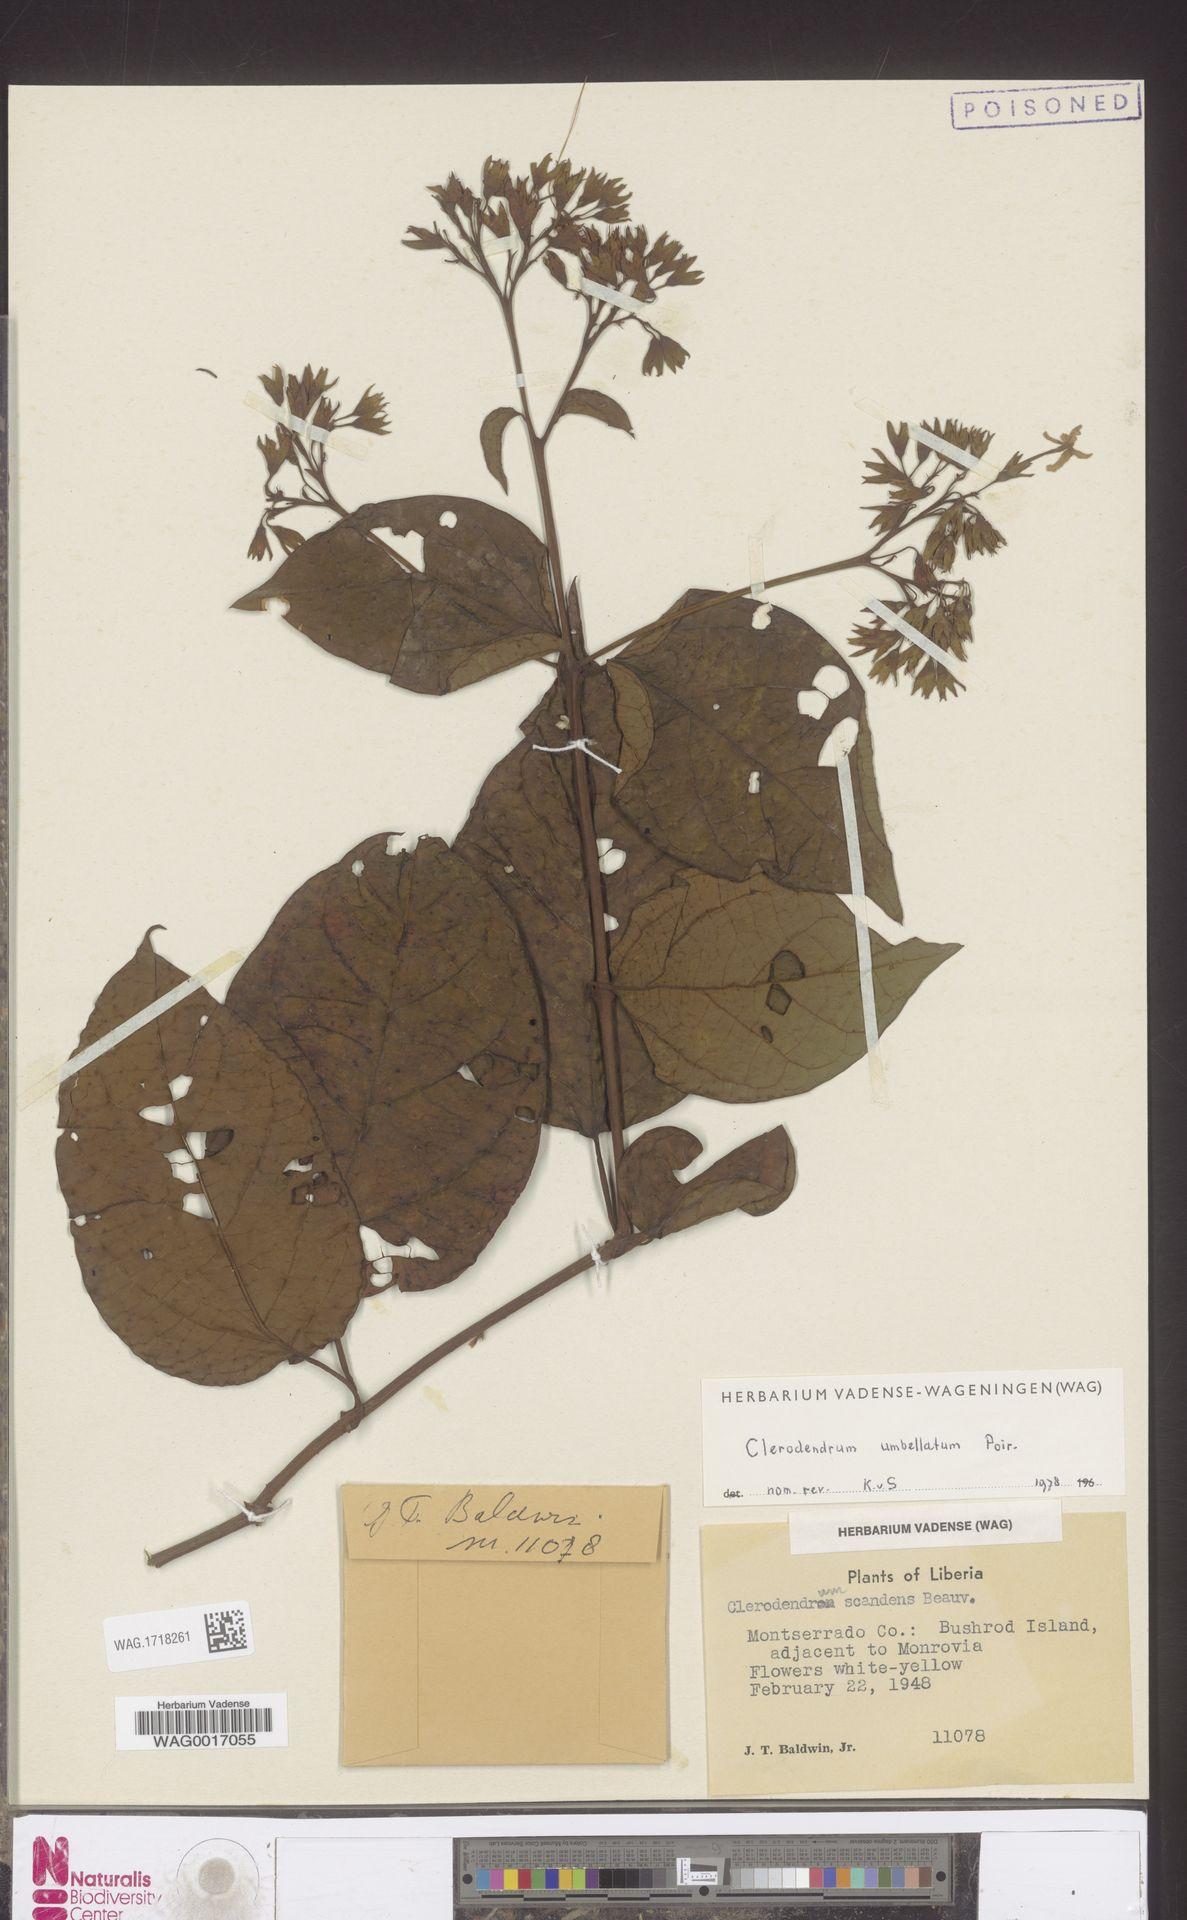 WAG.1718261 | Clerodendrum umbellatum Poir.